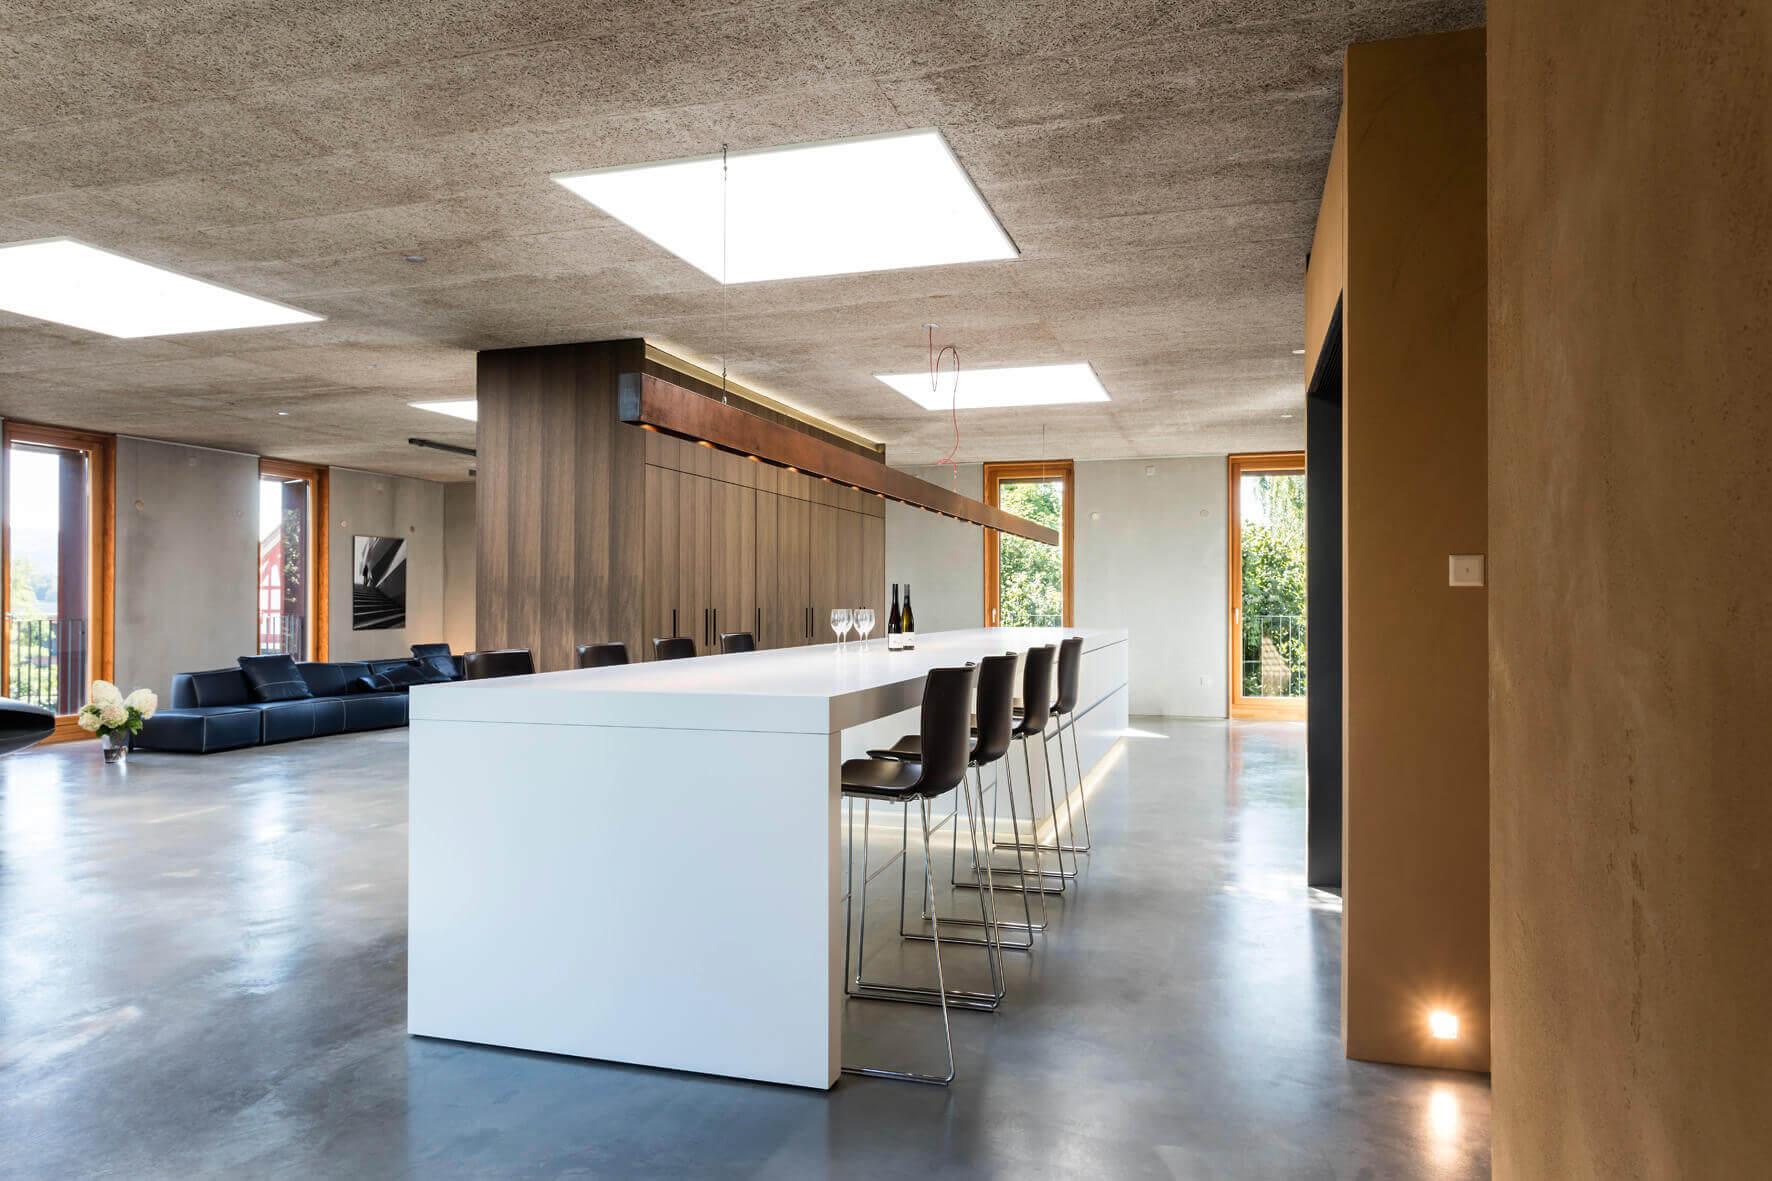 Küche Loft - Kochinsel mit anschließendem Esstisch Foto: René Lamb, Planung: Isoluzioni, Möbel: Minimal